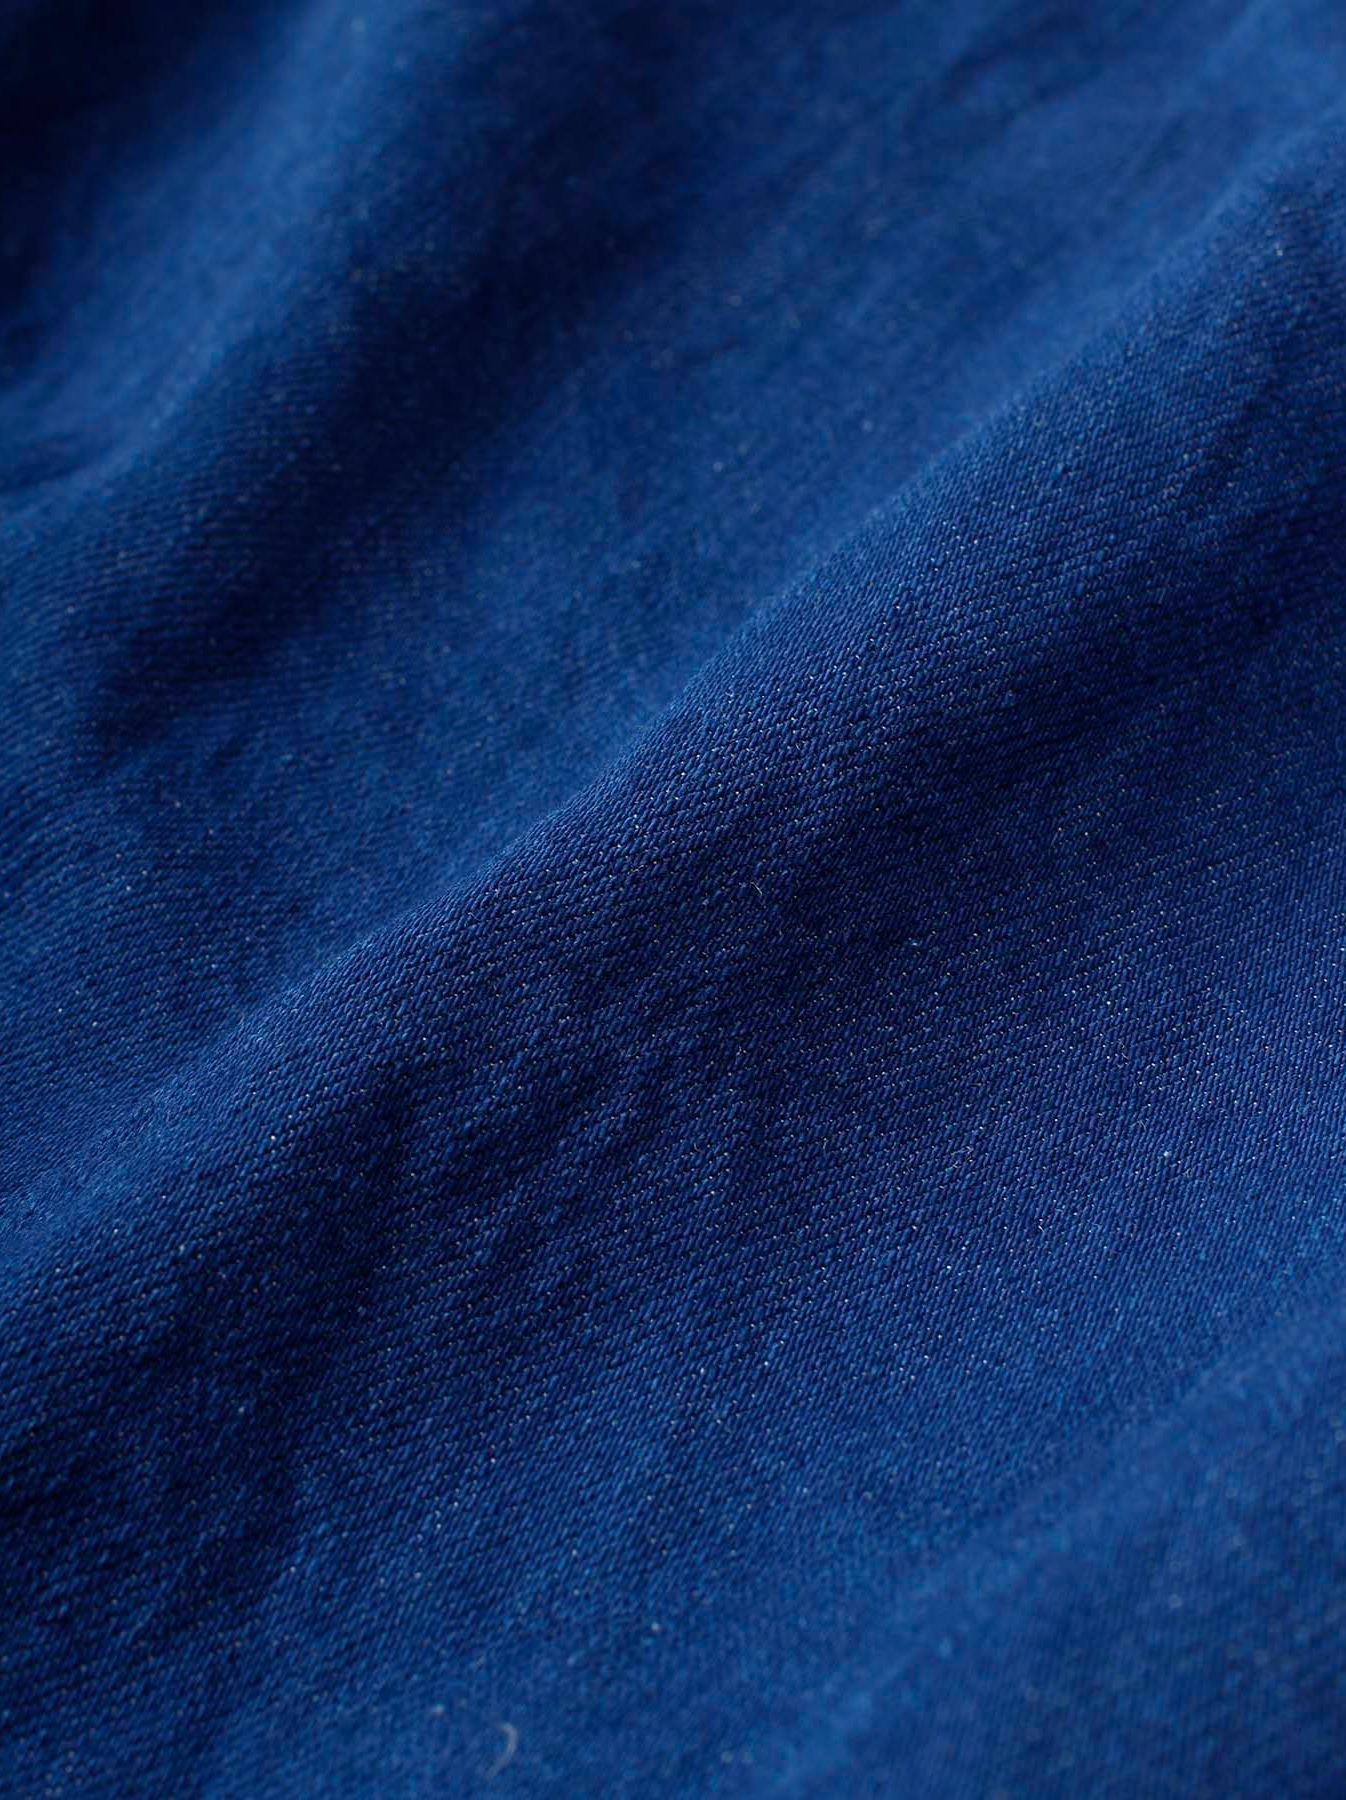 WH Cotton-linen Denim Camisole-10